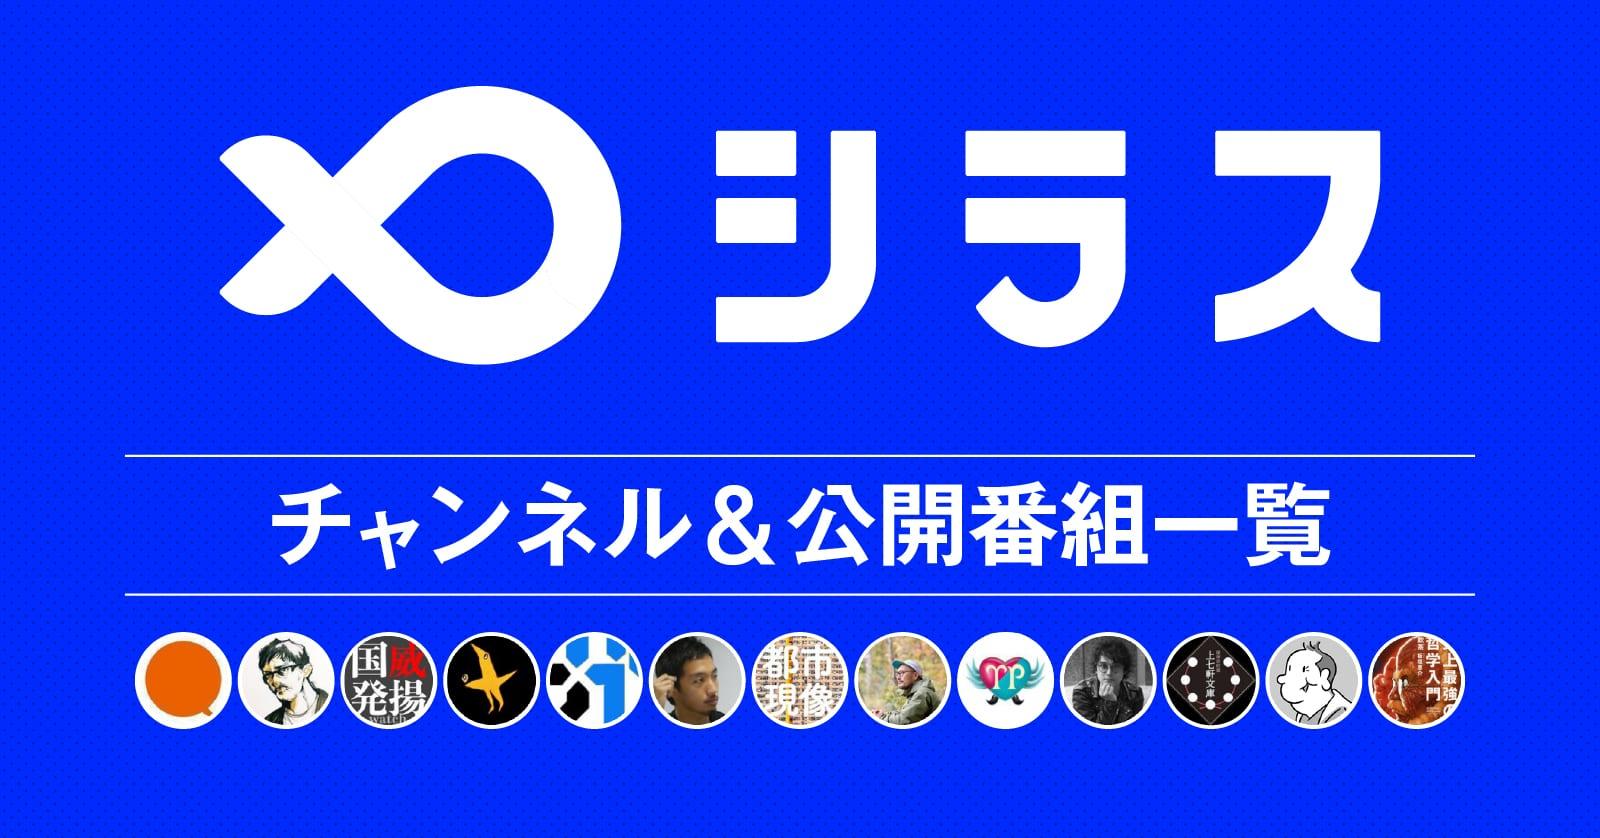 ちゃん じゅん 系 哲学 youtuber 9629. 藤井聡先生だけでも救いたい@哲学系youtuberじゅんちゃんには、ご愁傷様と申し上げます。